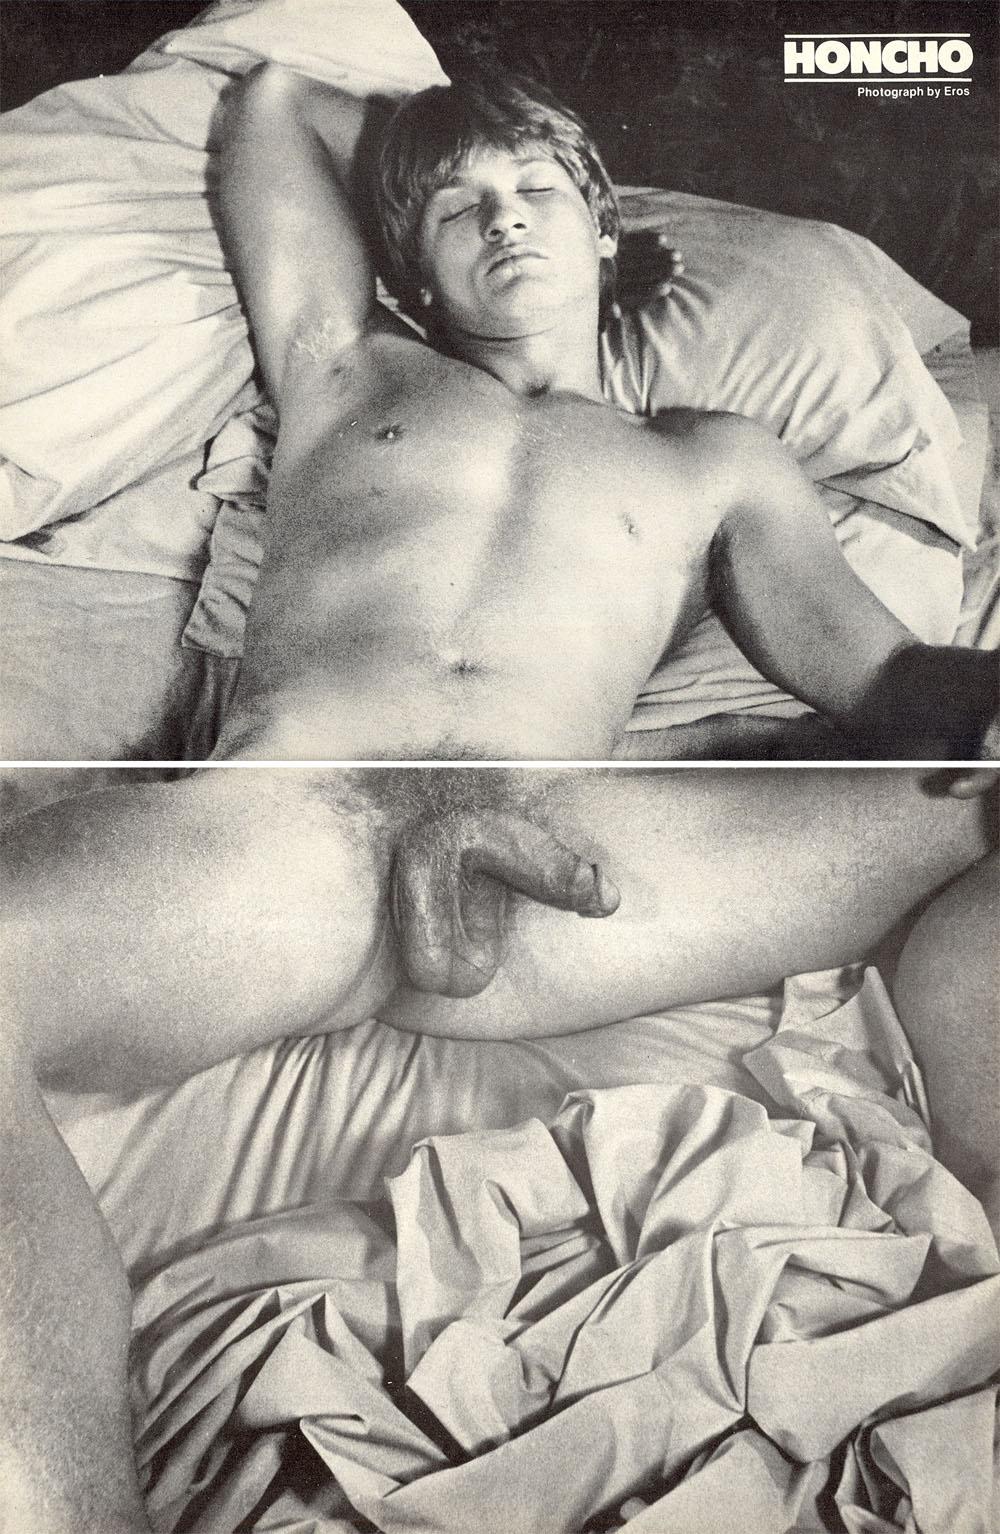 George Conover gay hot vintage porn dudes